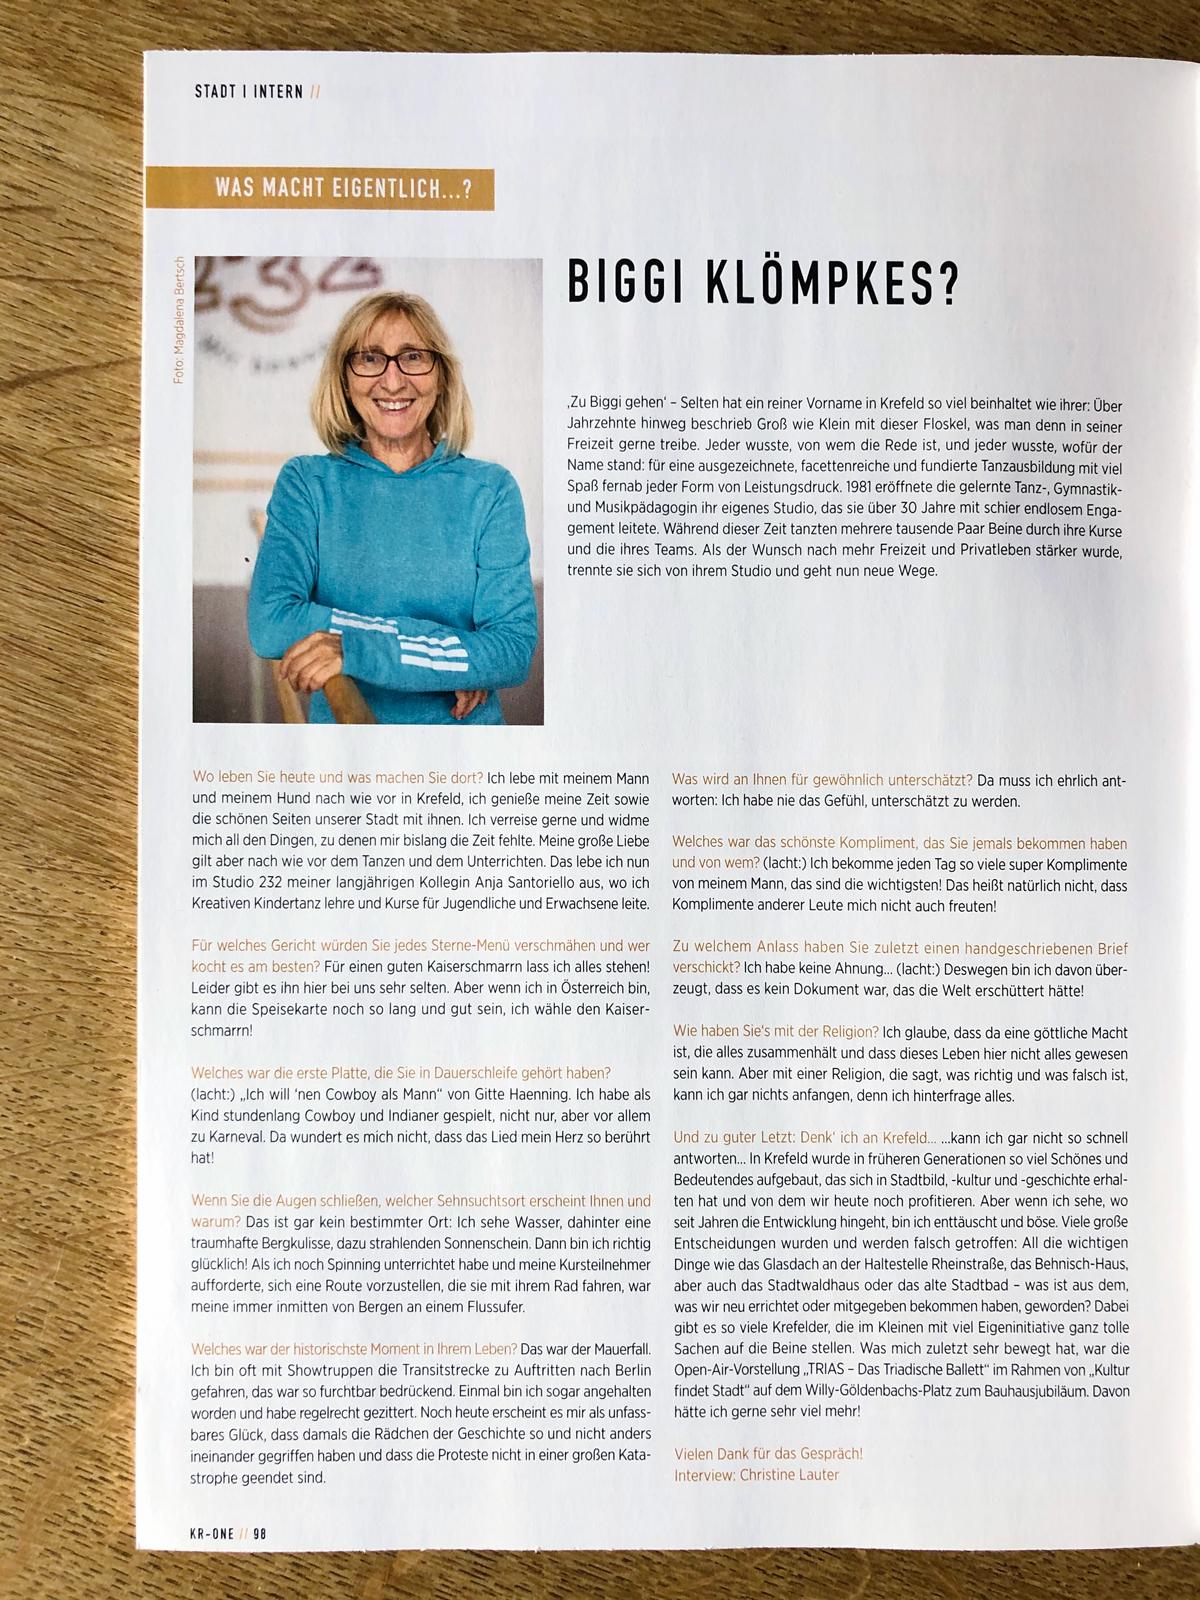 Das Interview des KR-ONE Magazins 12_2019 mit Biggi Klömpkes